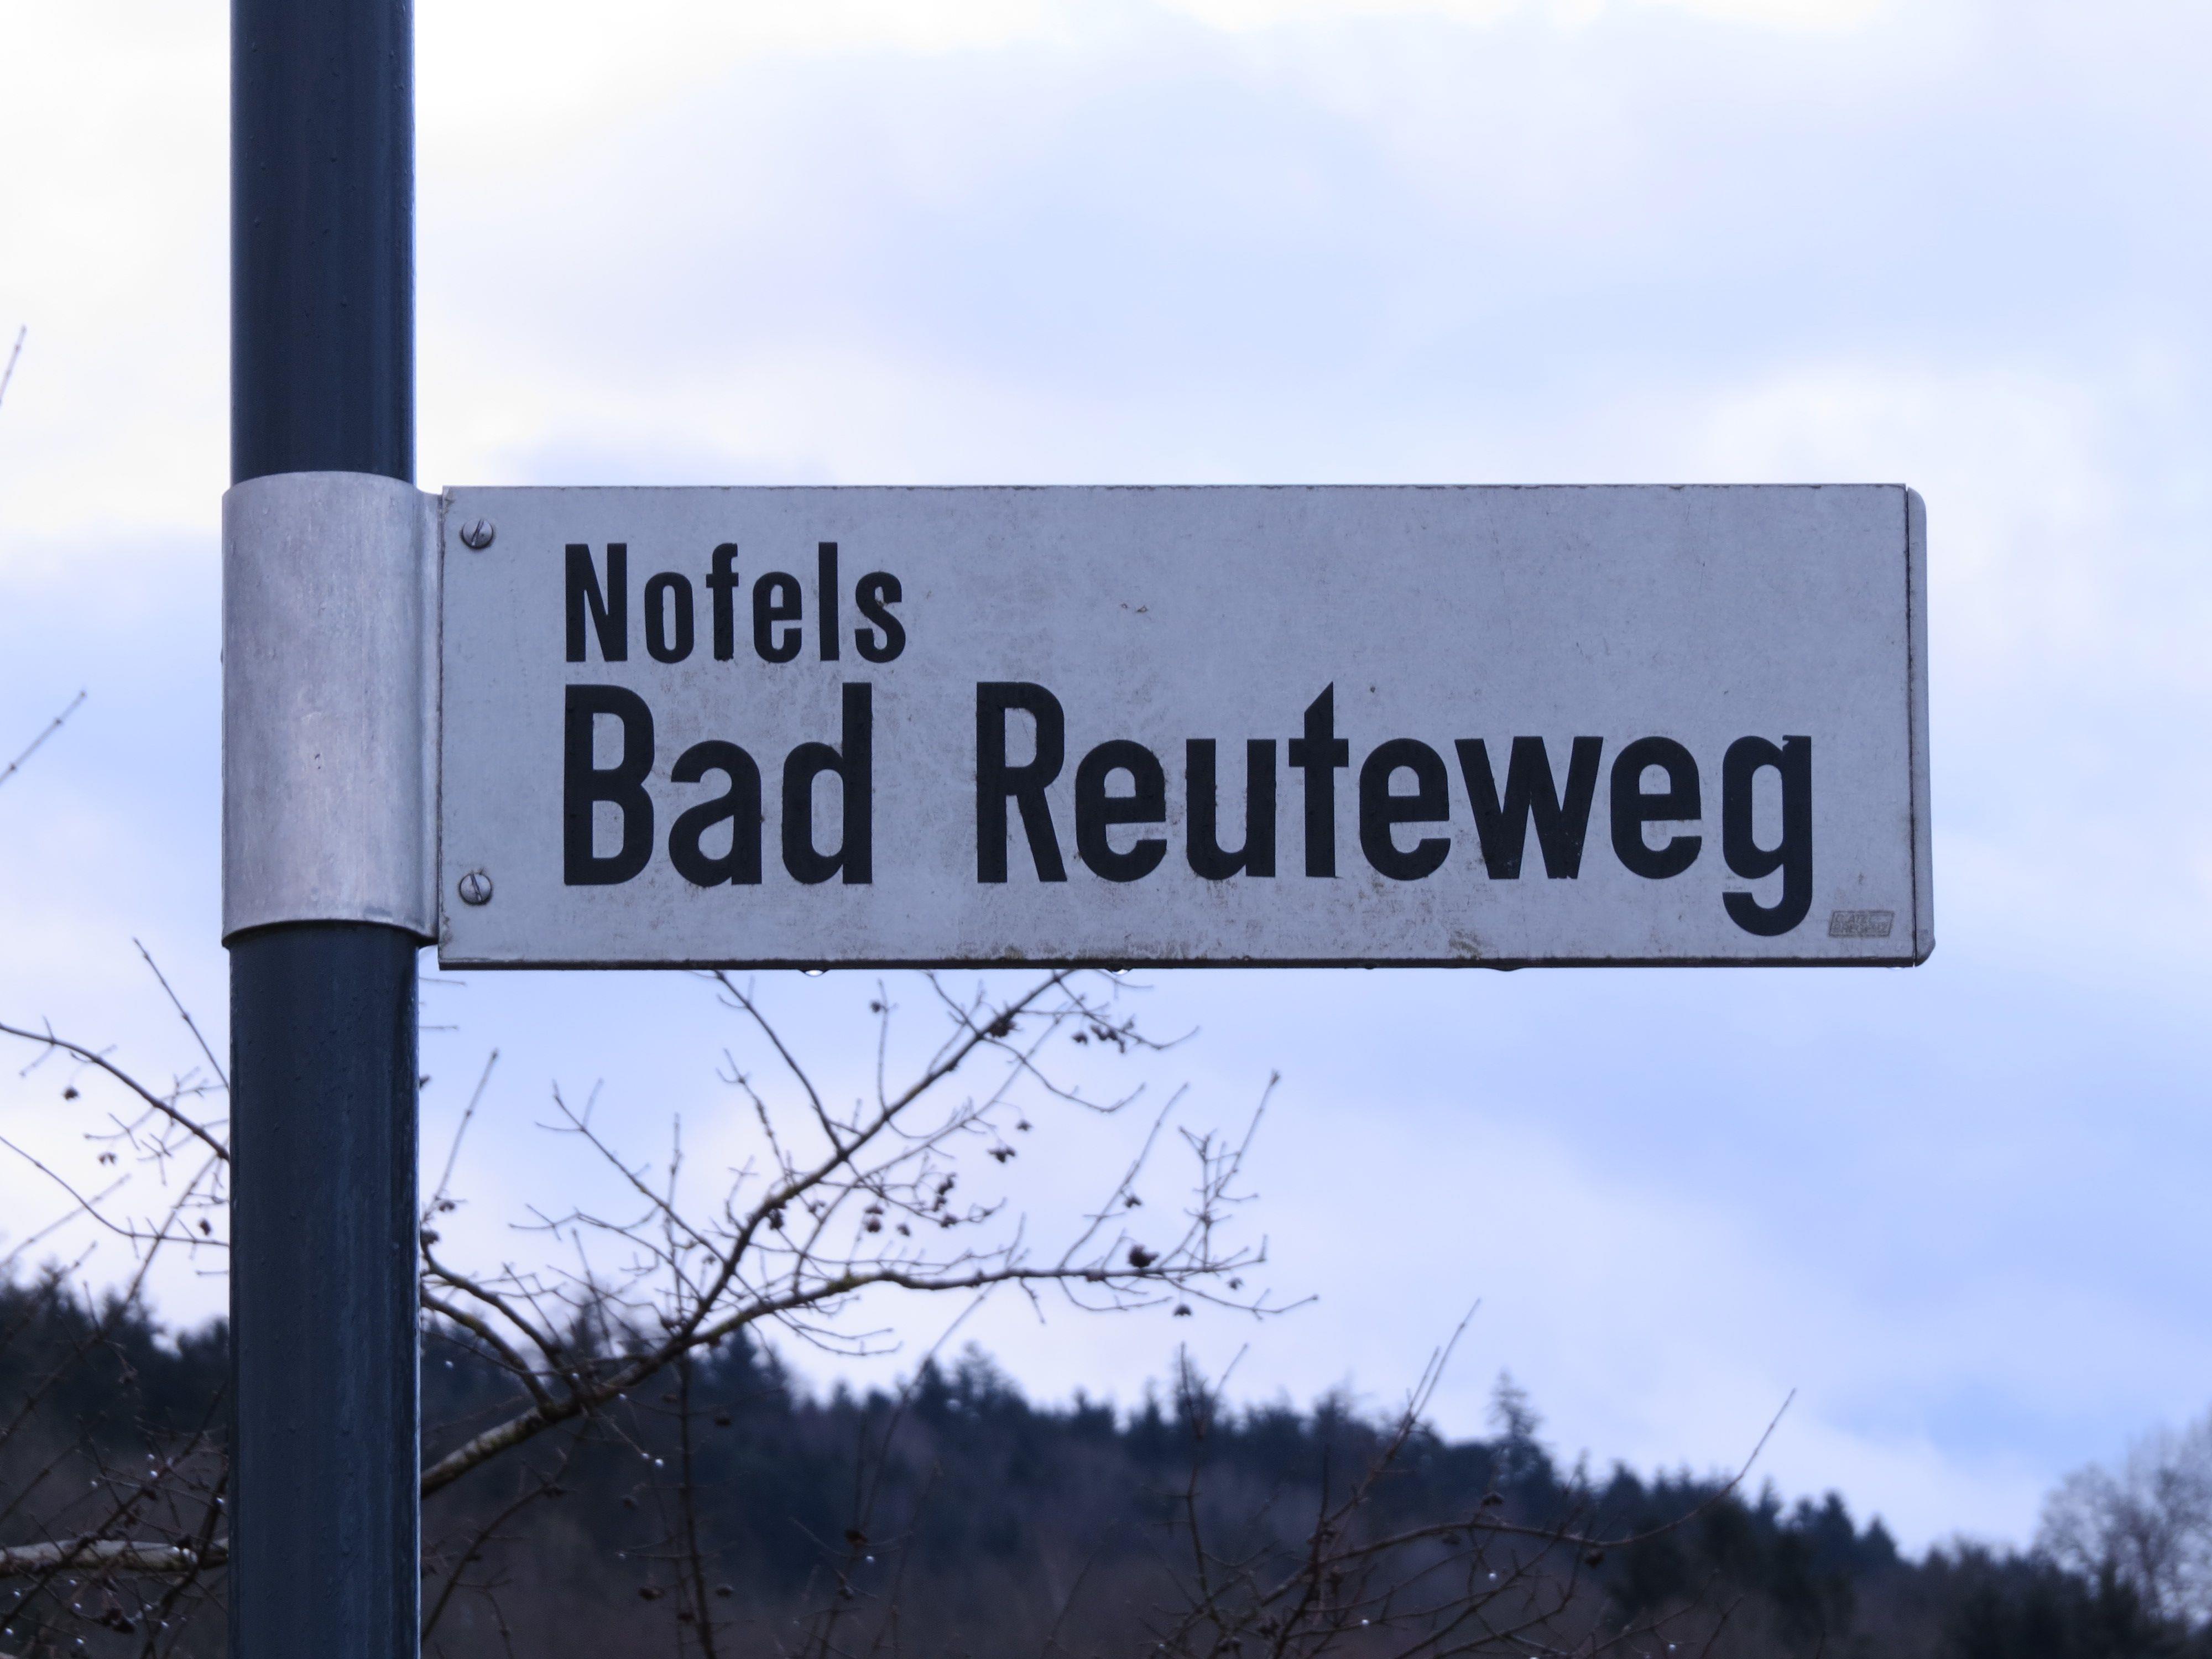 Bad-Reute-Weg: Der Doppelname leitet zur Annahme, dass dort gerodet wurde, um einen Weg zum geschichtsträchtigen Bädle zu ebnen.